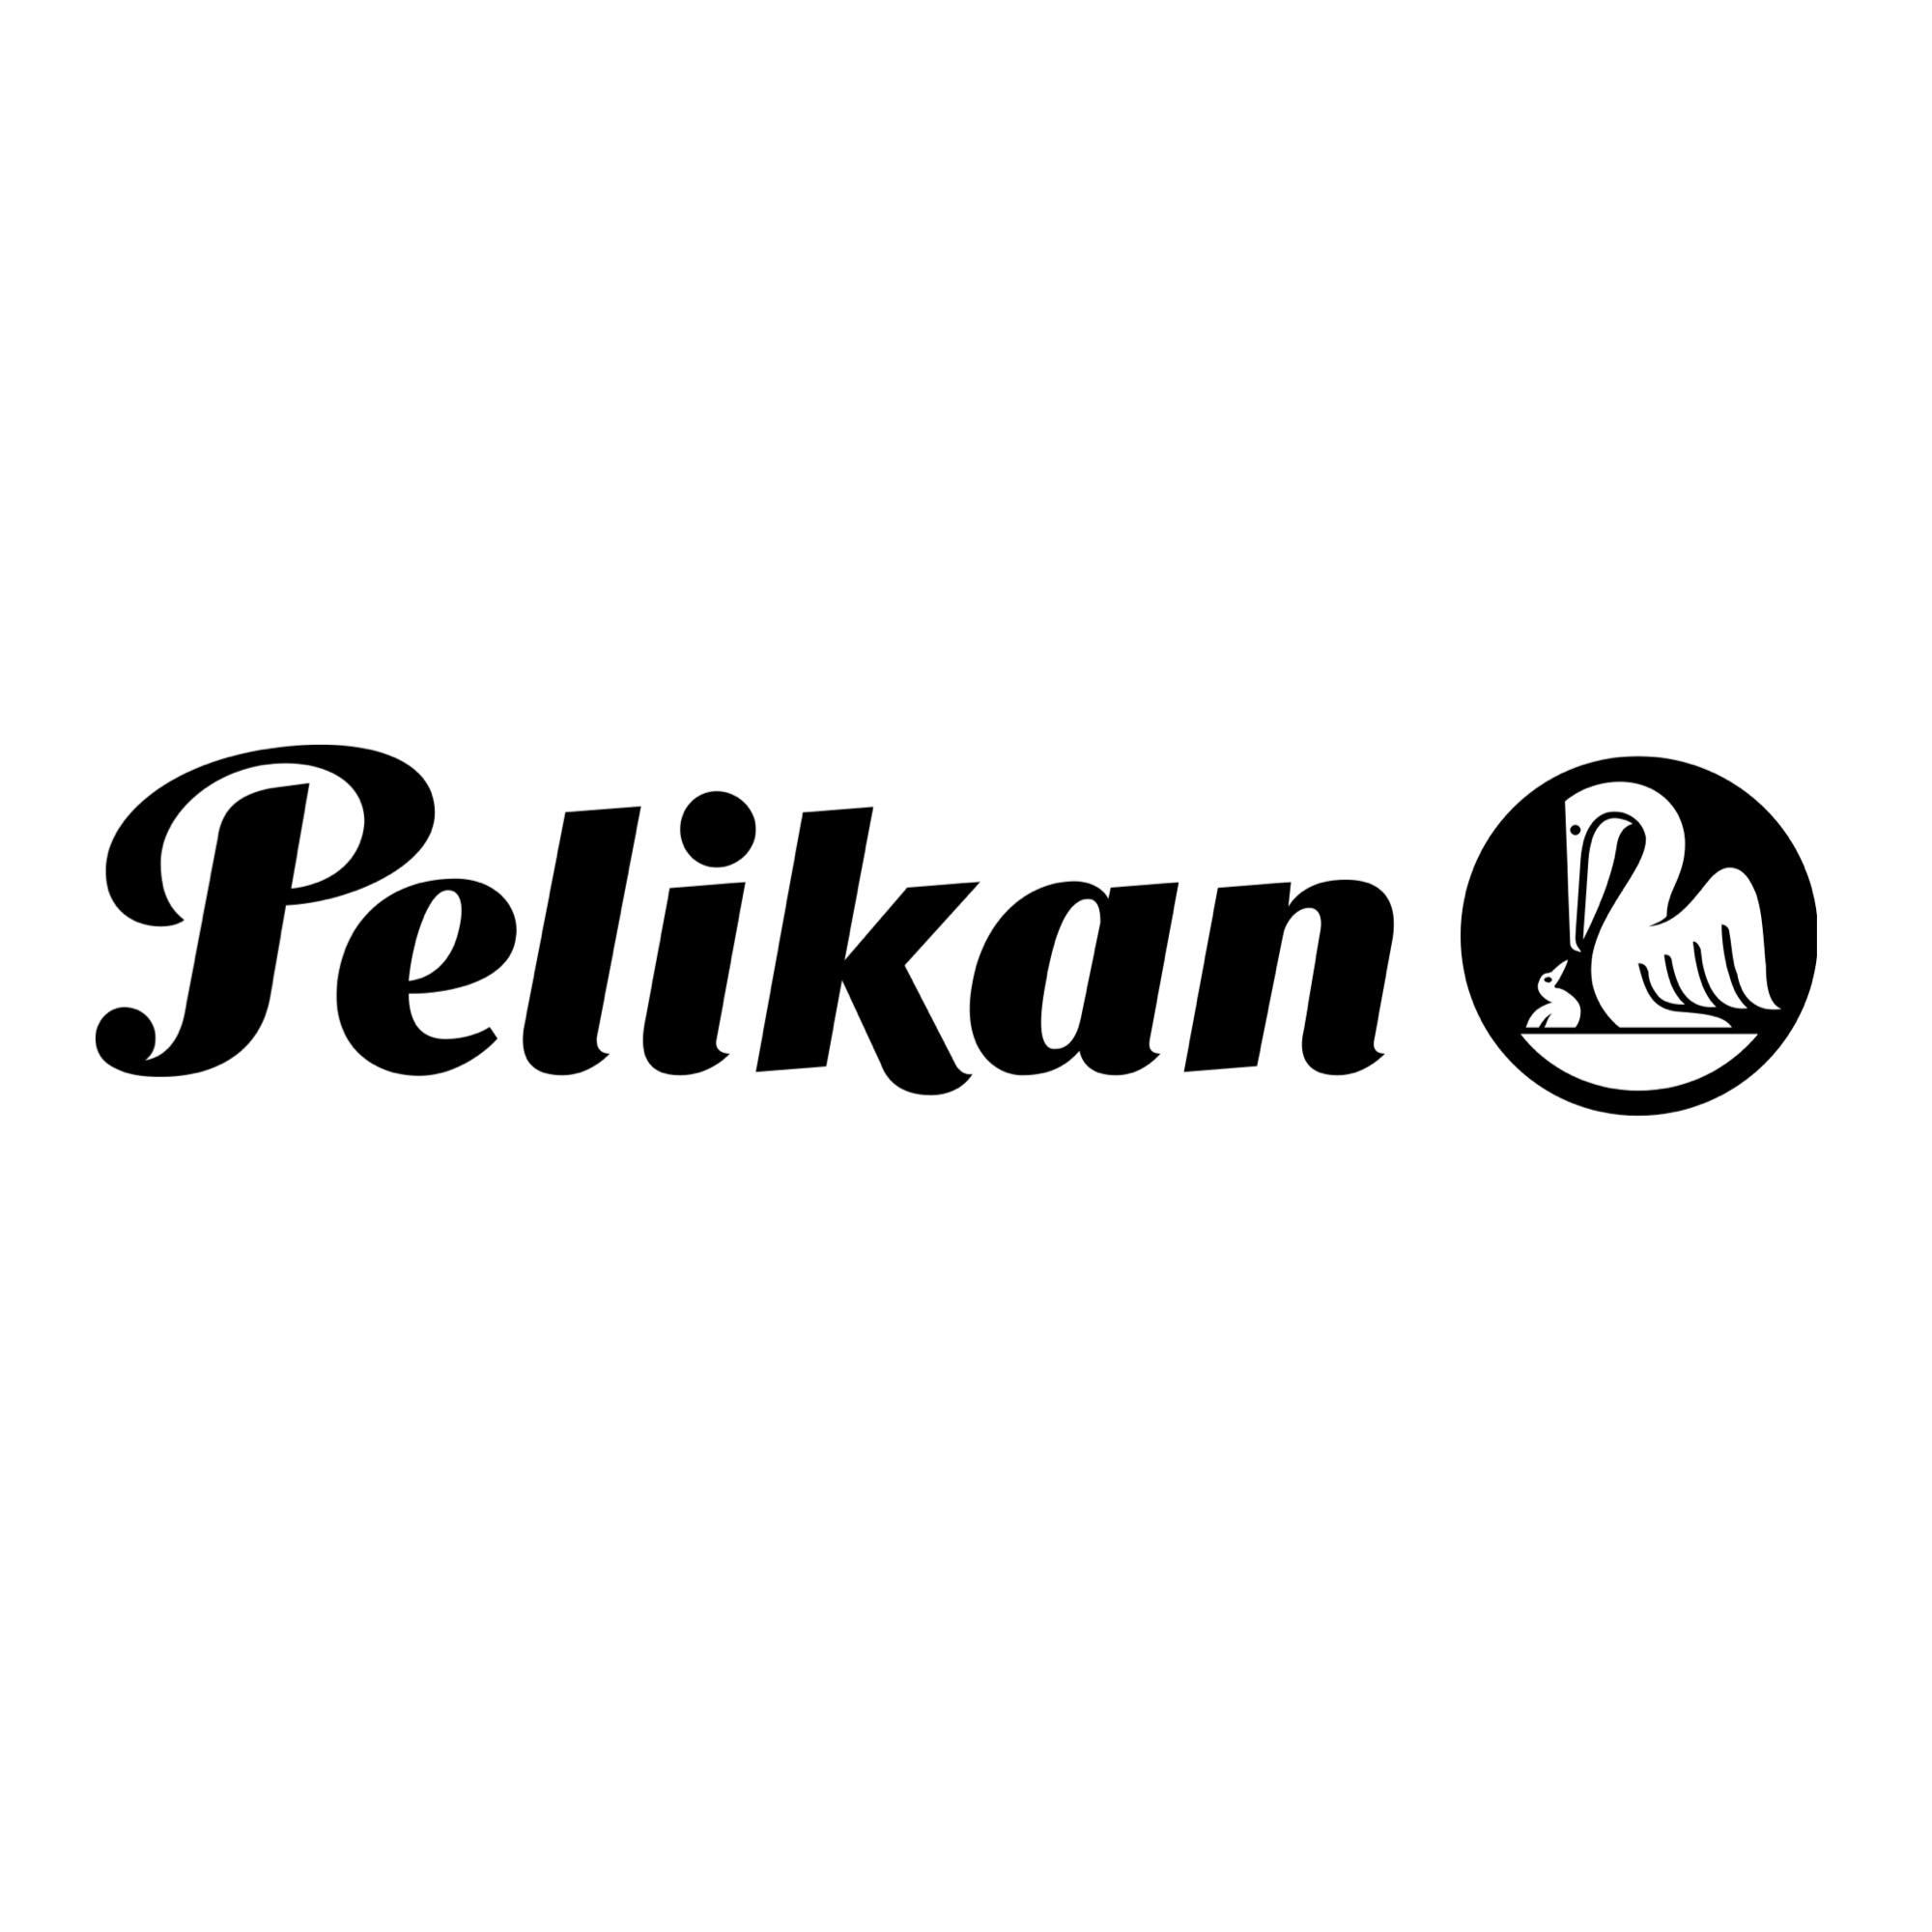 Pelikan Square.jpg